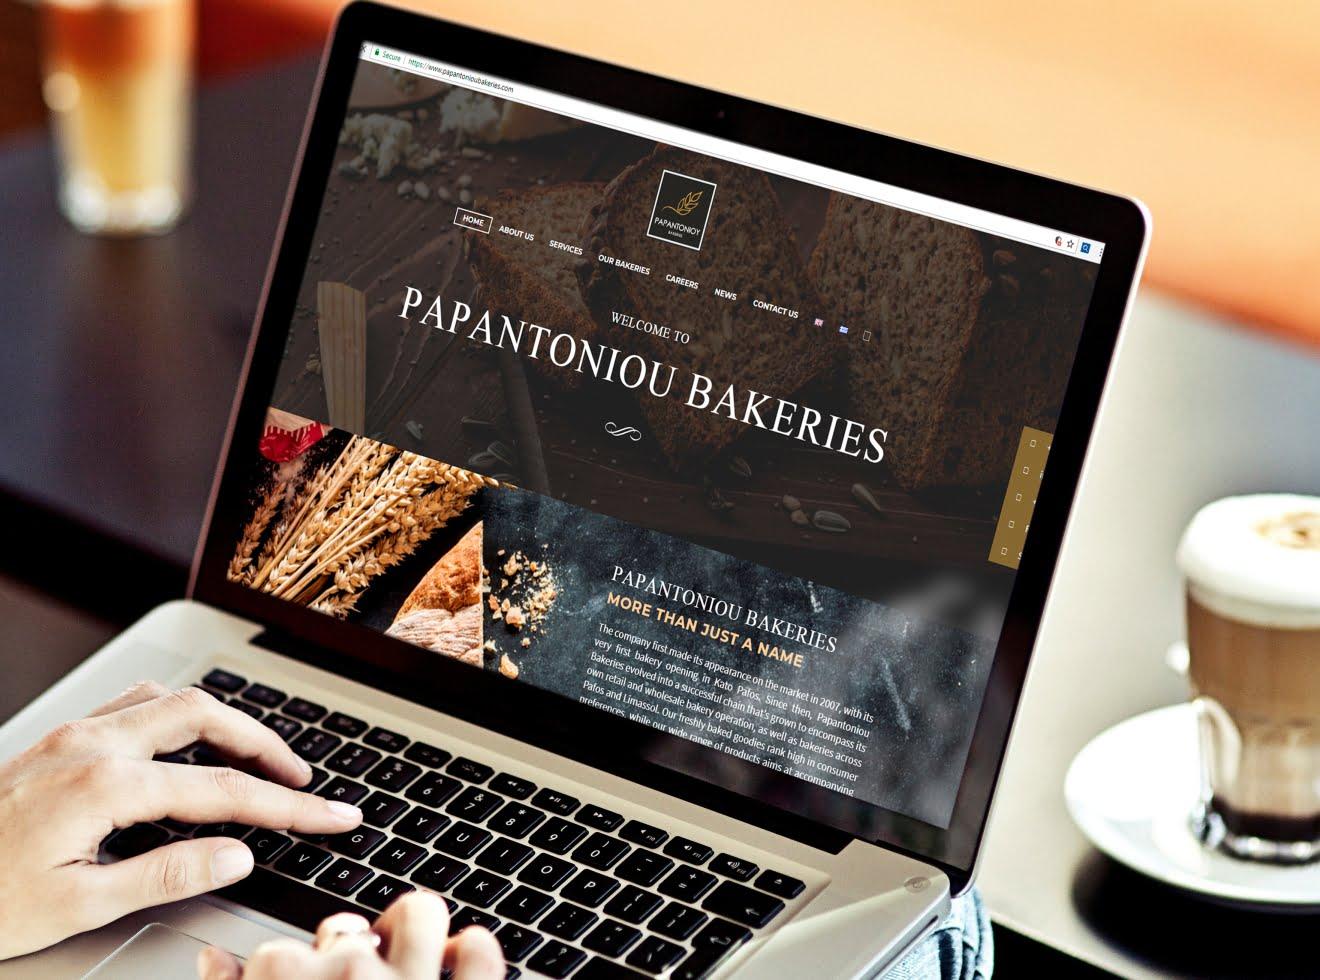 papantoniou bakeries website